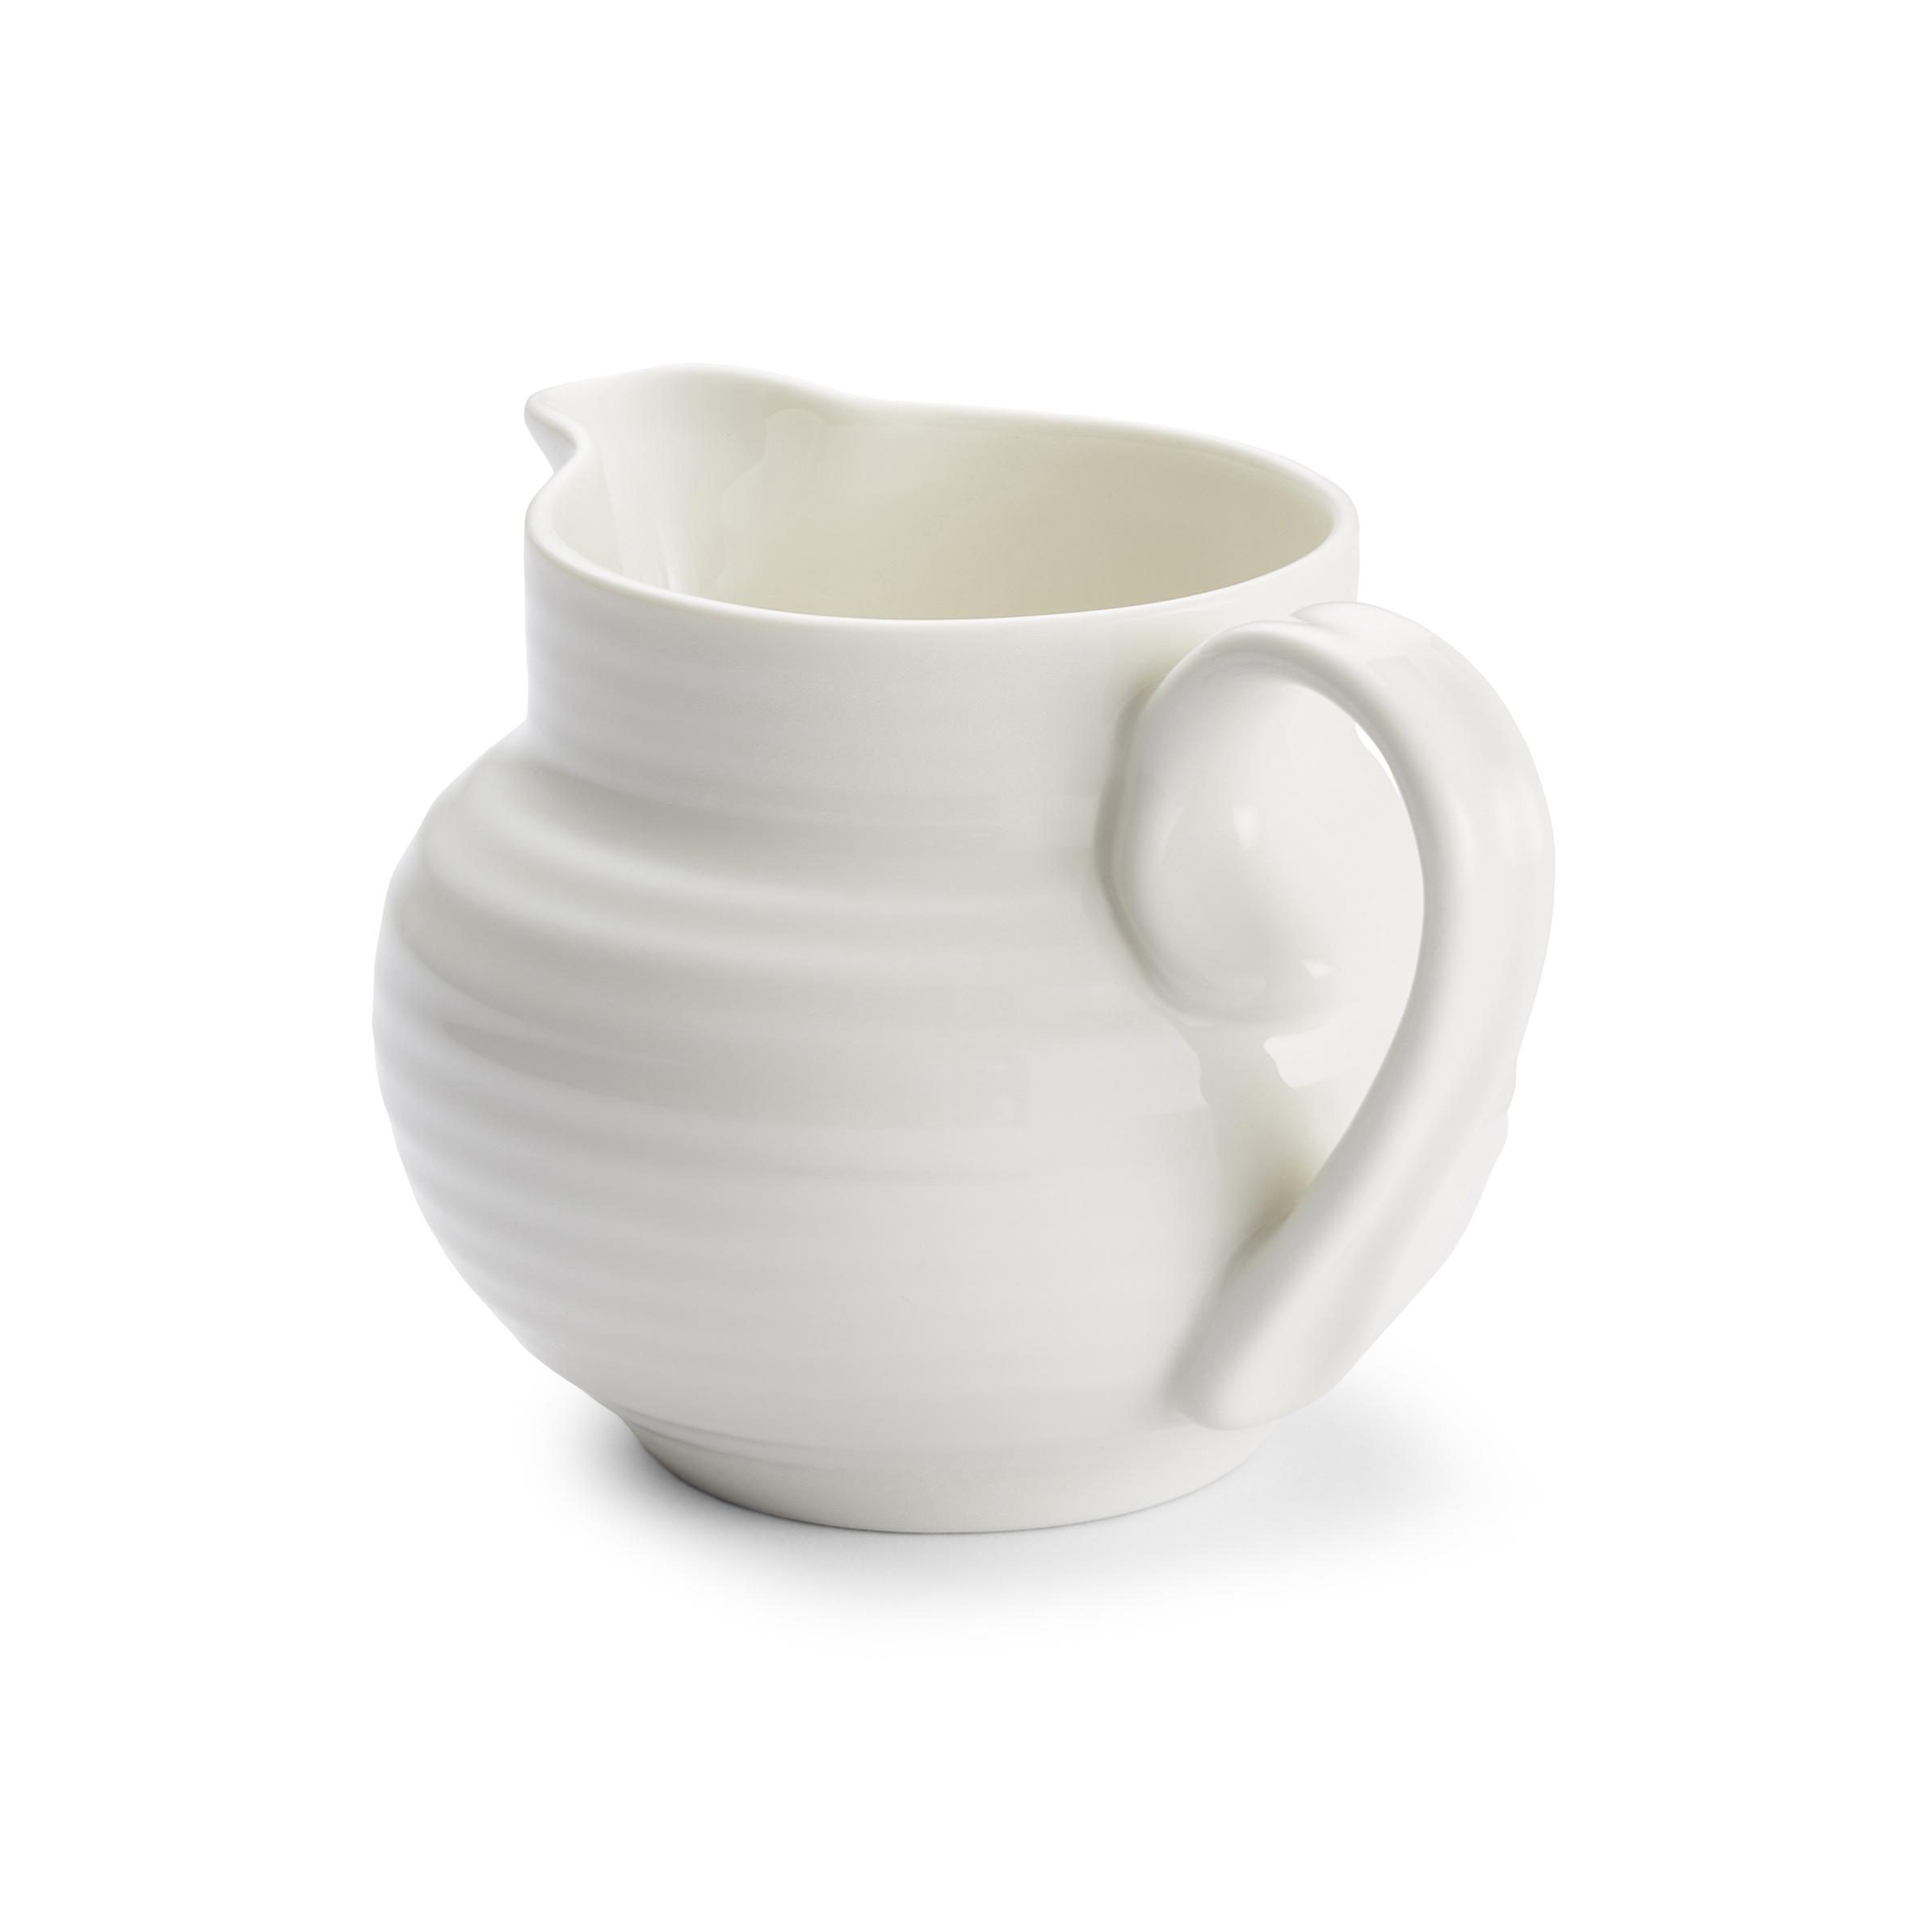 Portmeirion Sophie Conran White Cream Jug Portmeirion